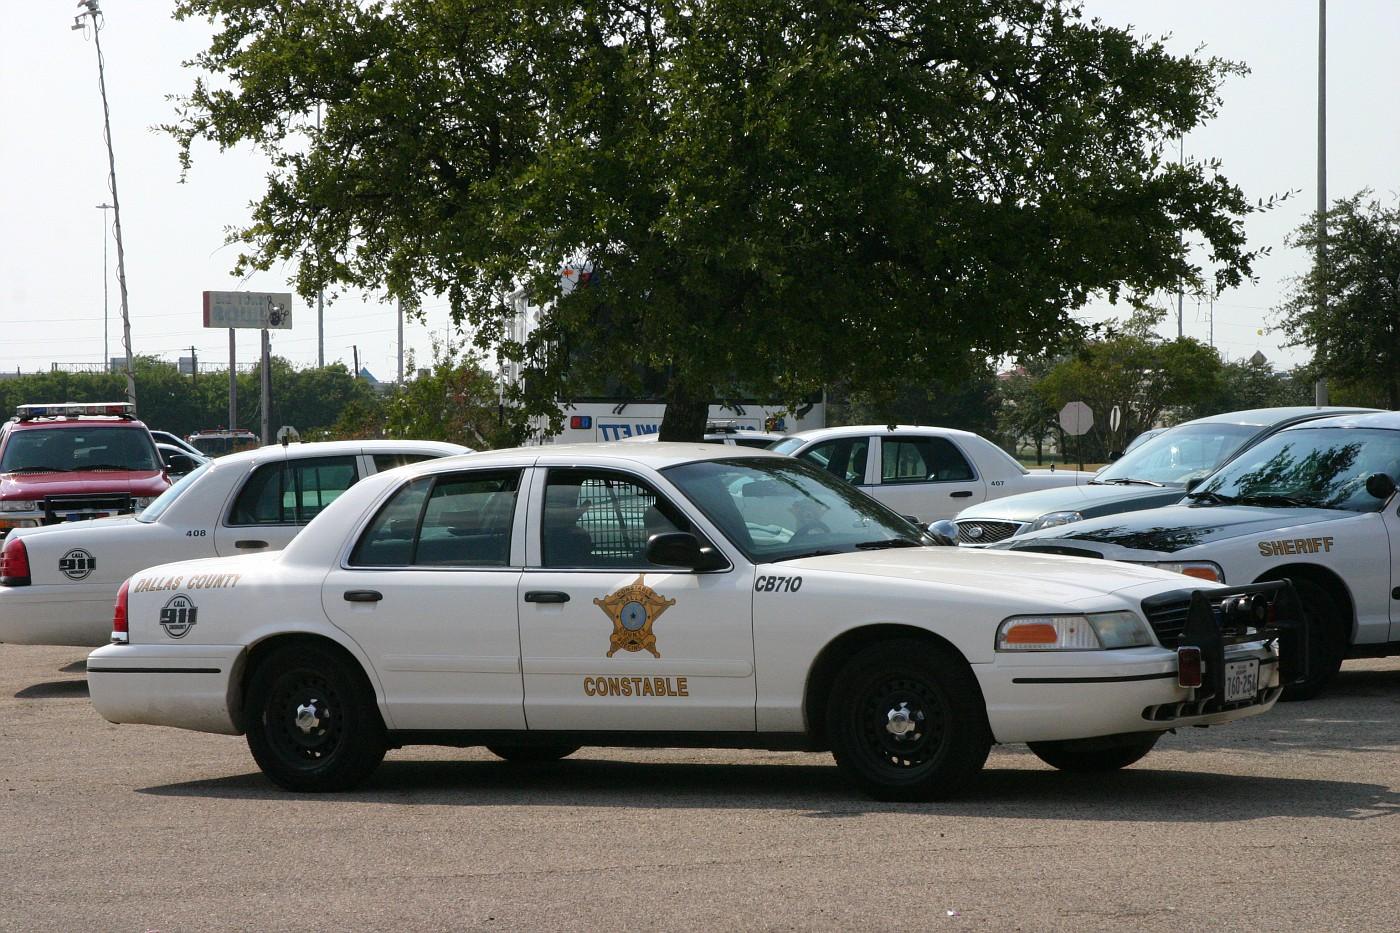 Dallas County Constable